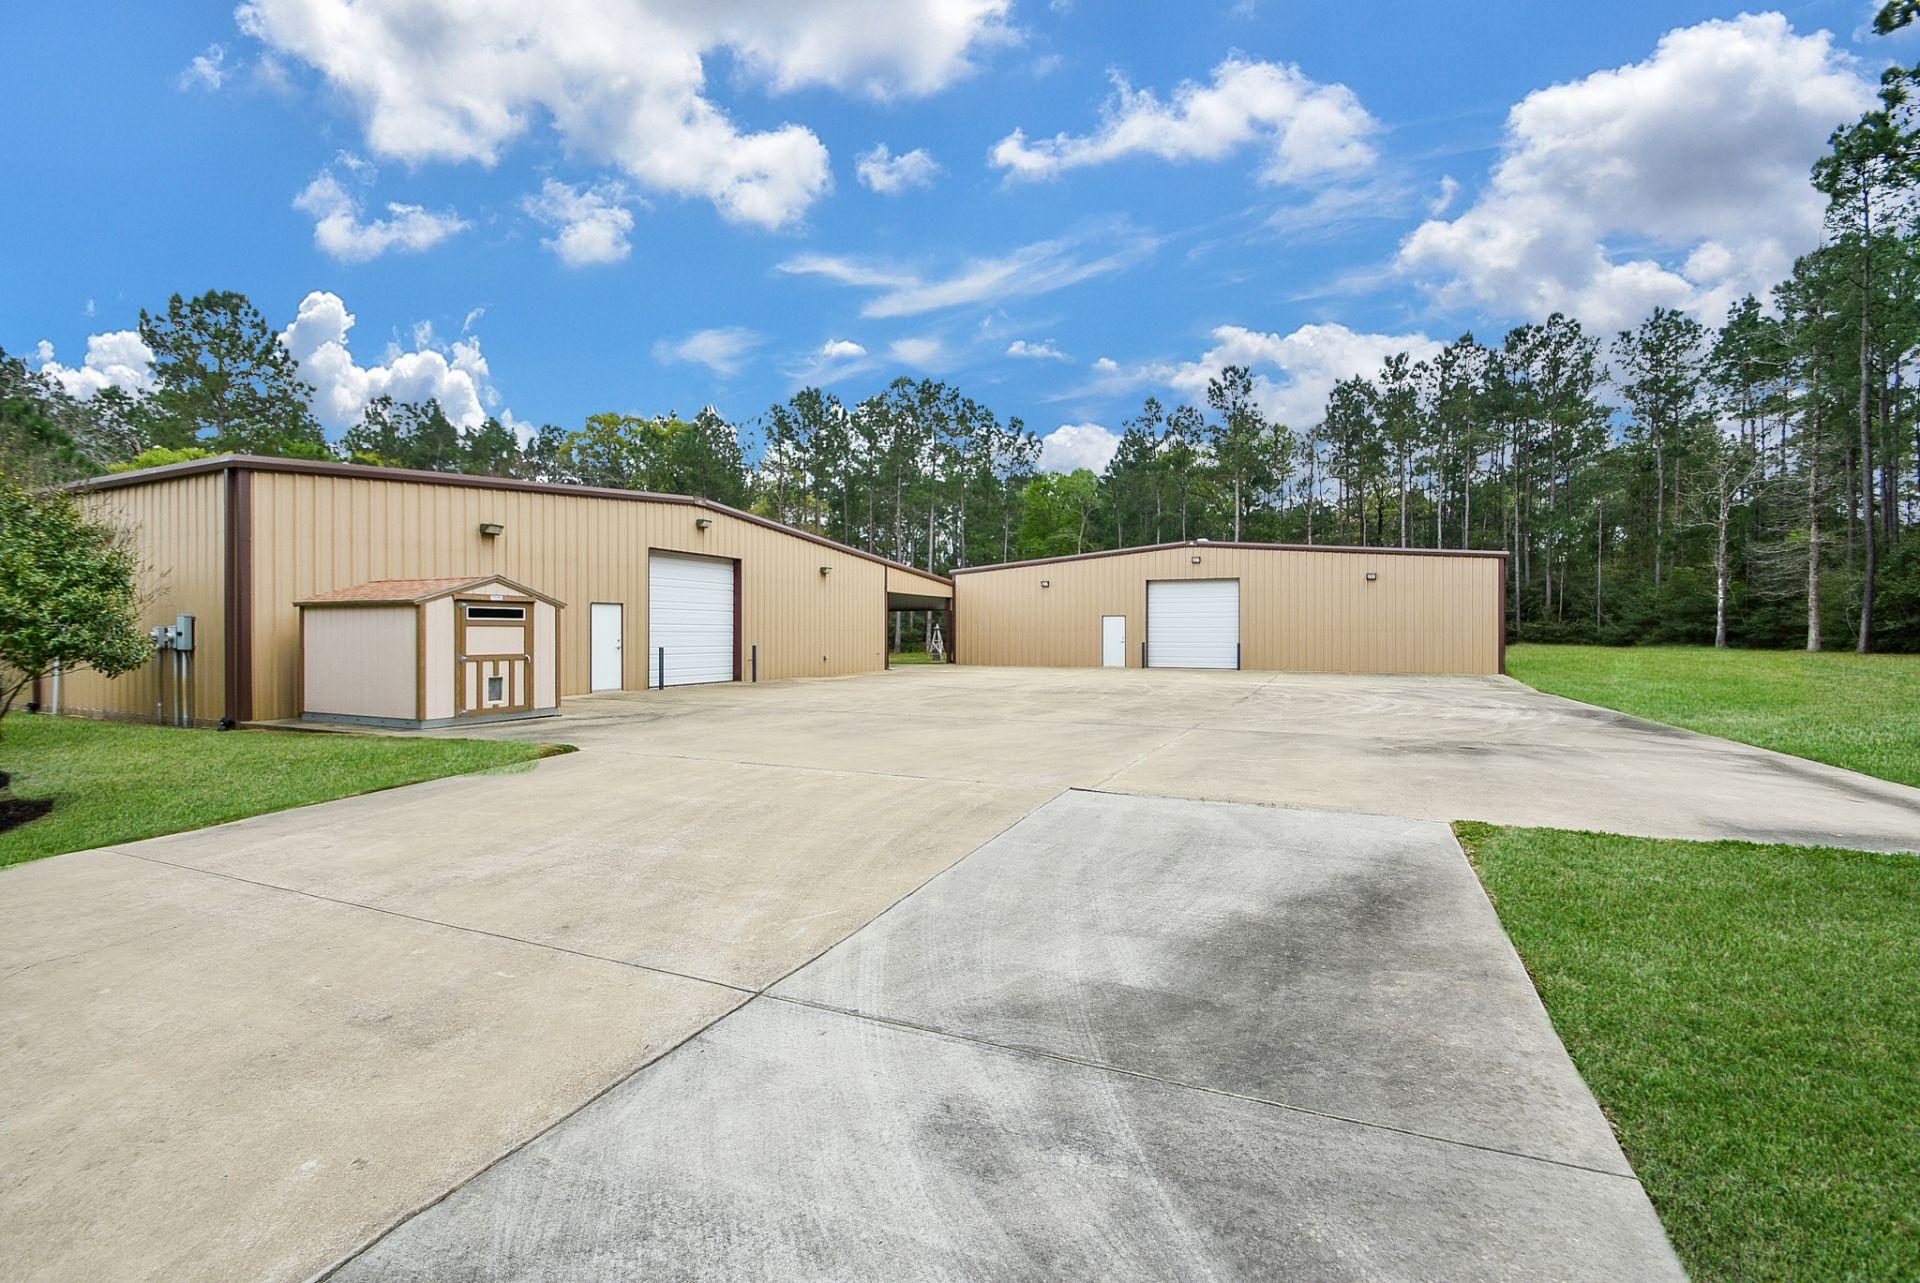 Lot 1 - House Northwest of Magnolia on 10+/- acres